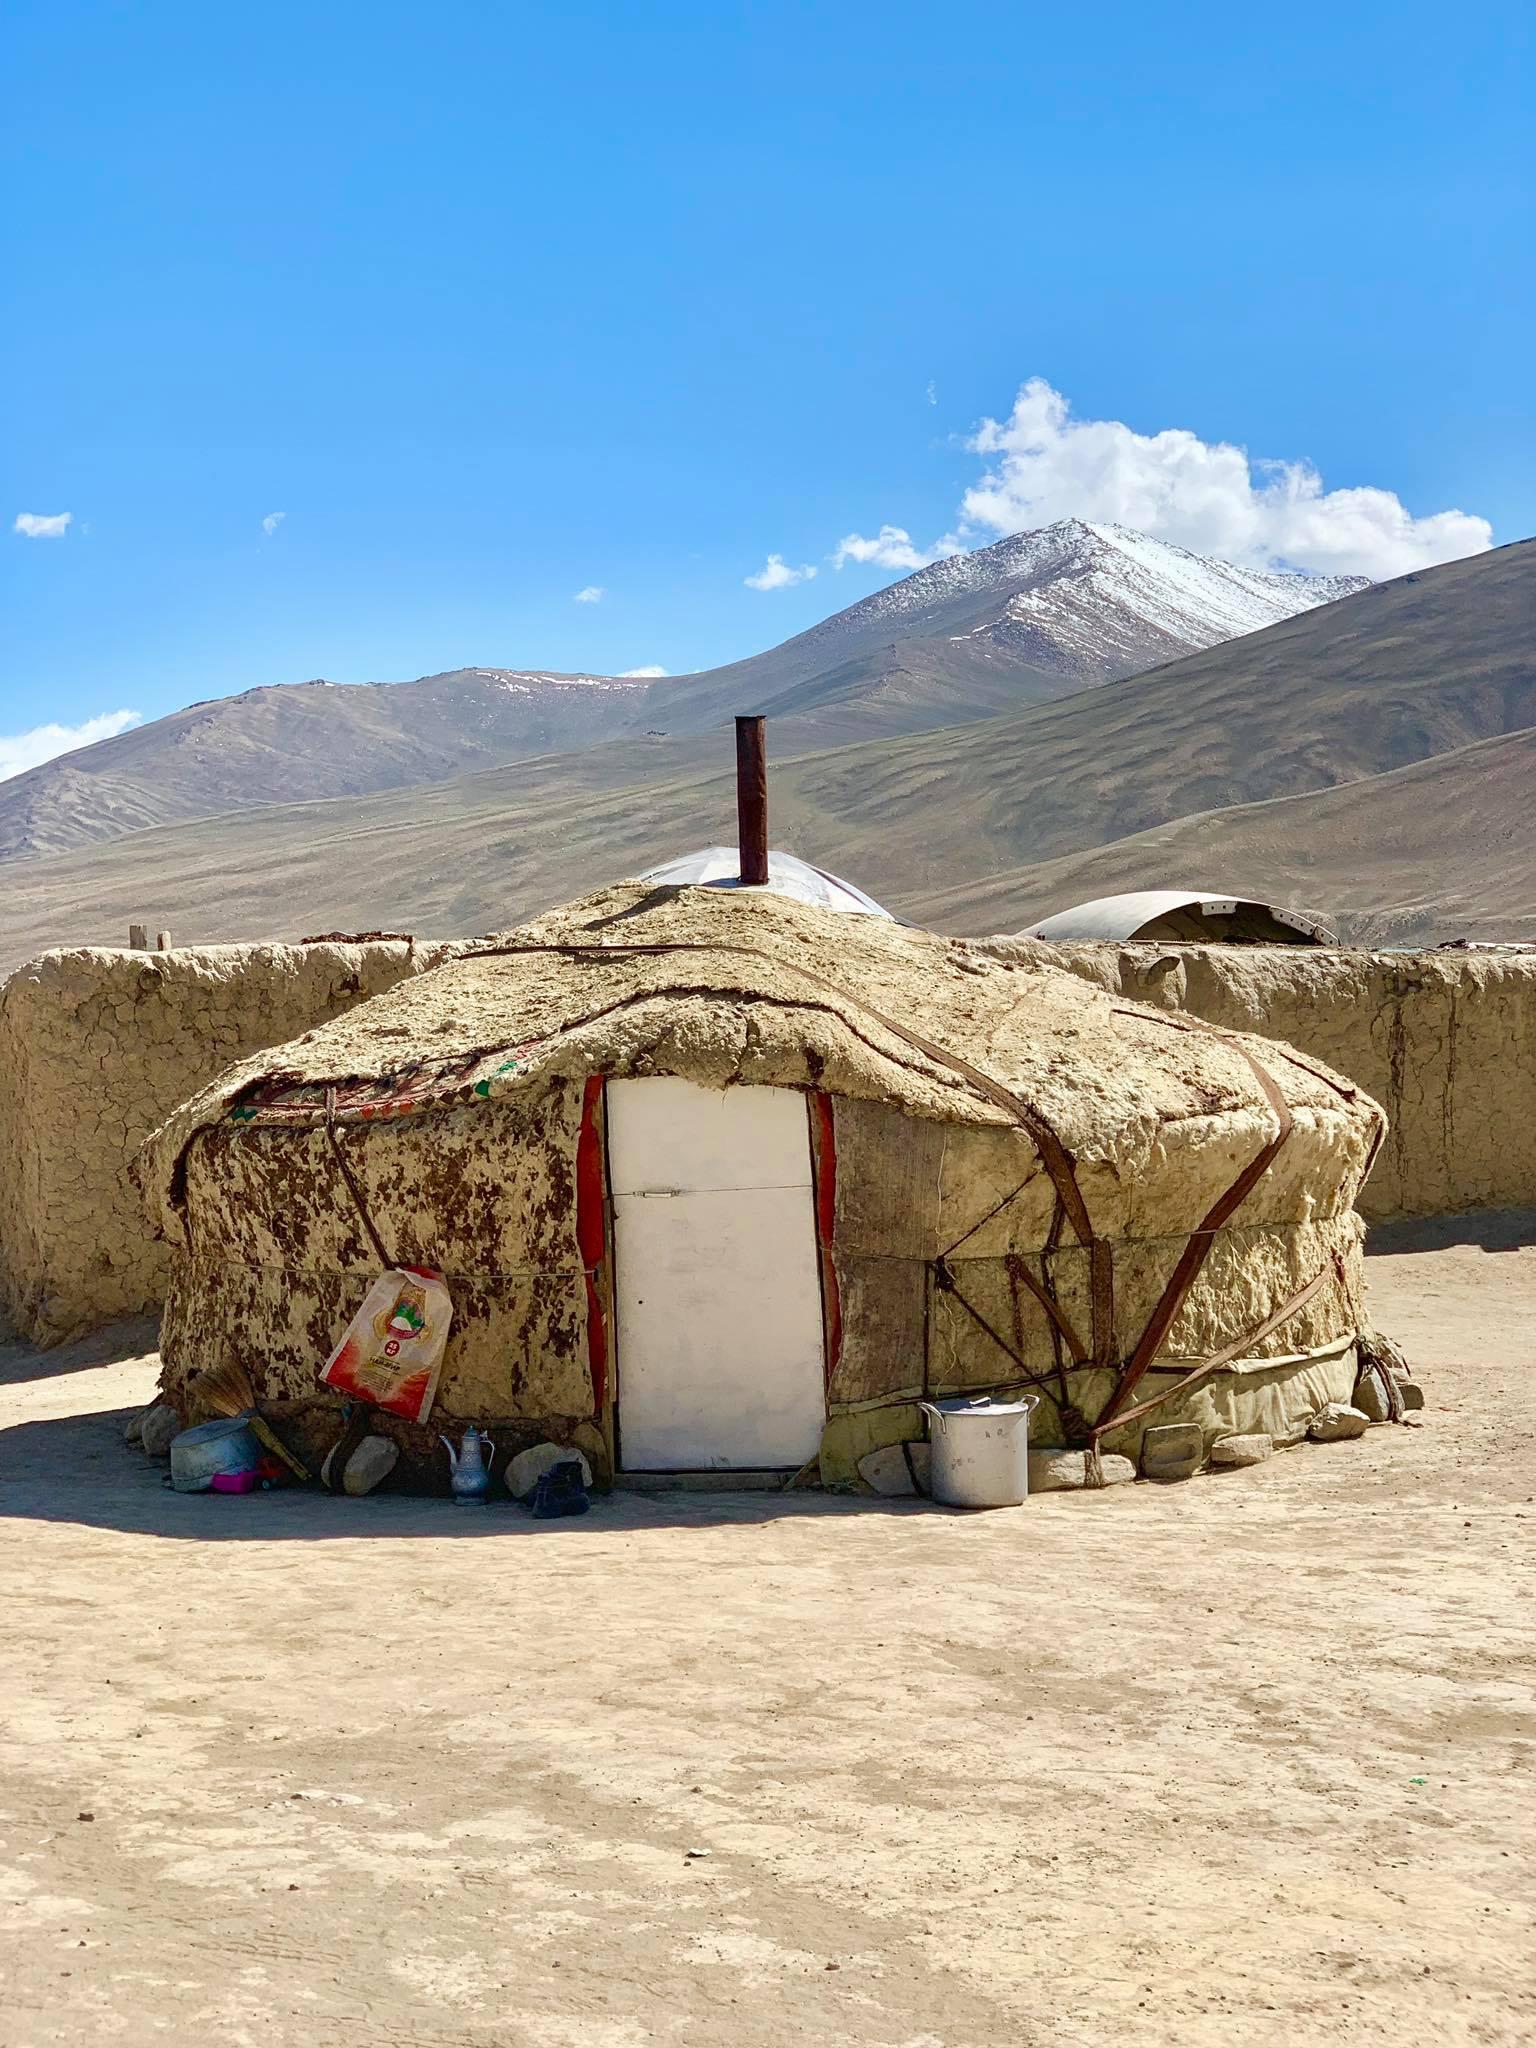 Kach Solo Travels in 2019 Homestay at Bulunkul Village20.jpg